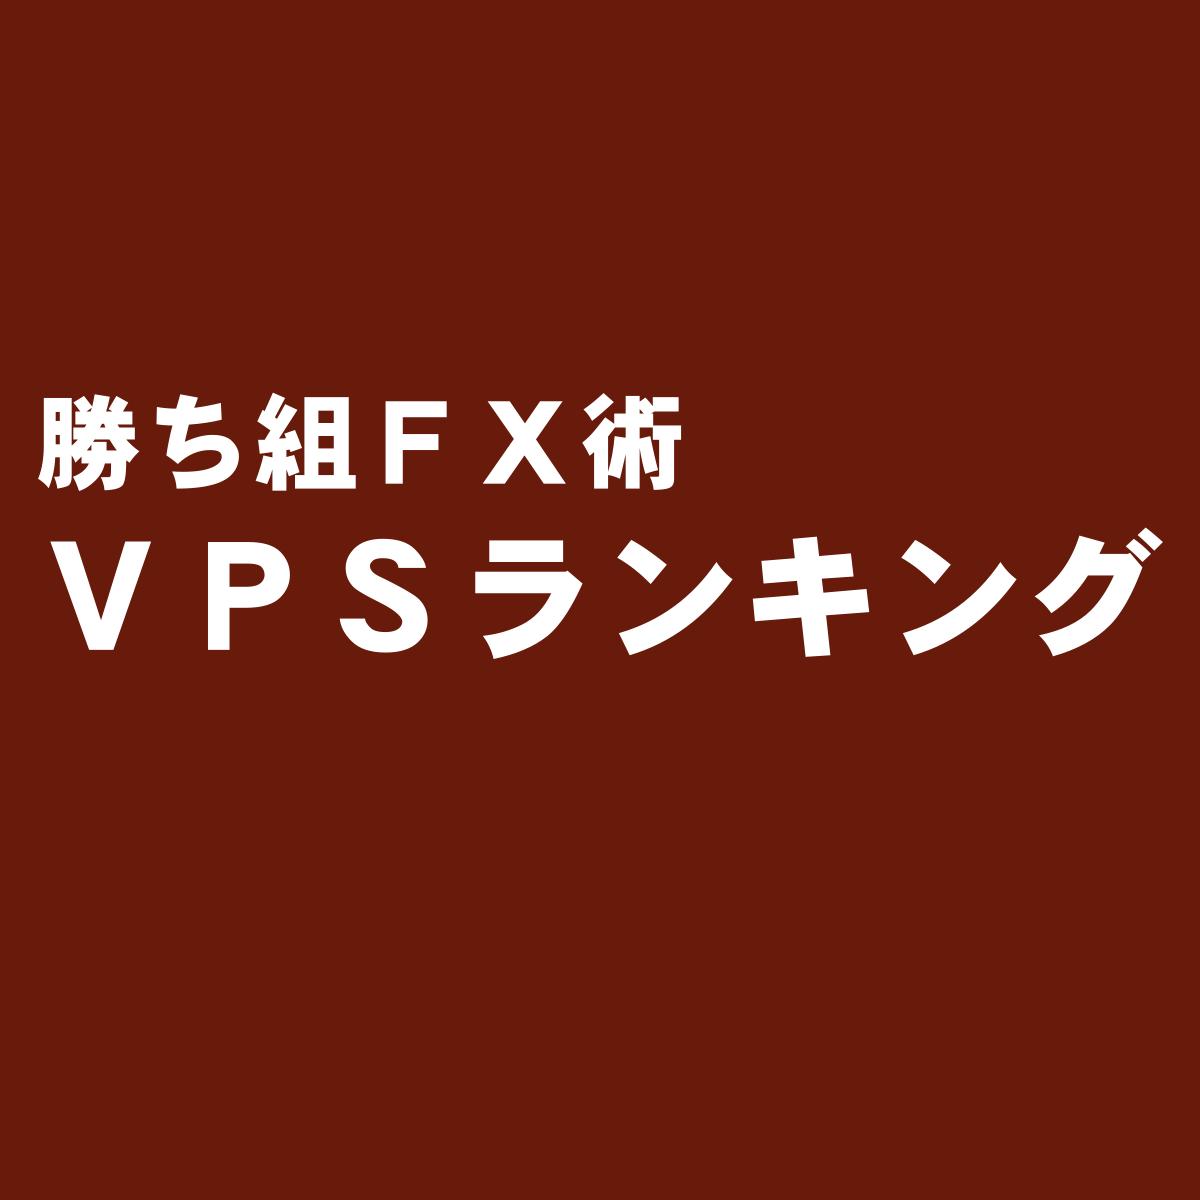 VPSランキング